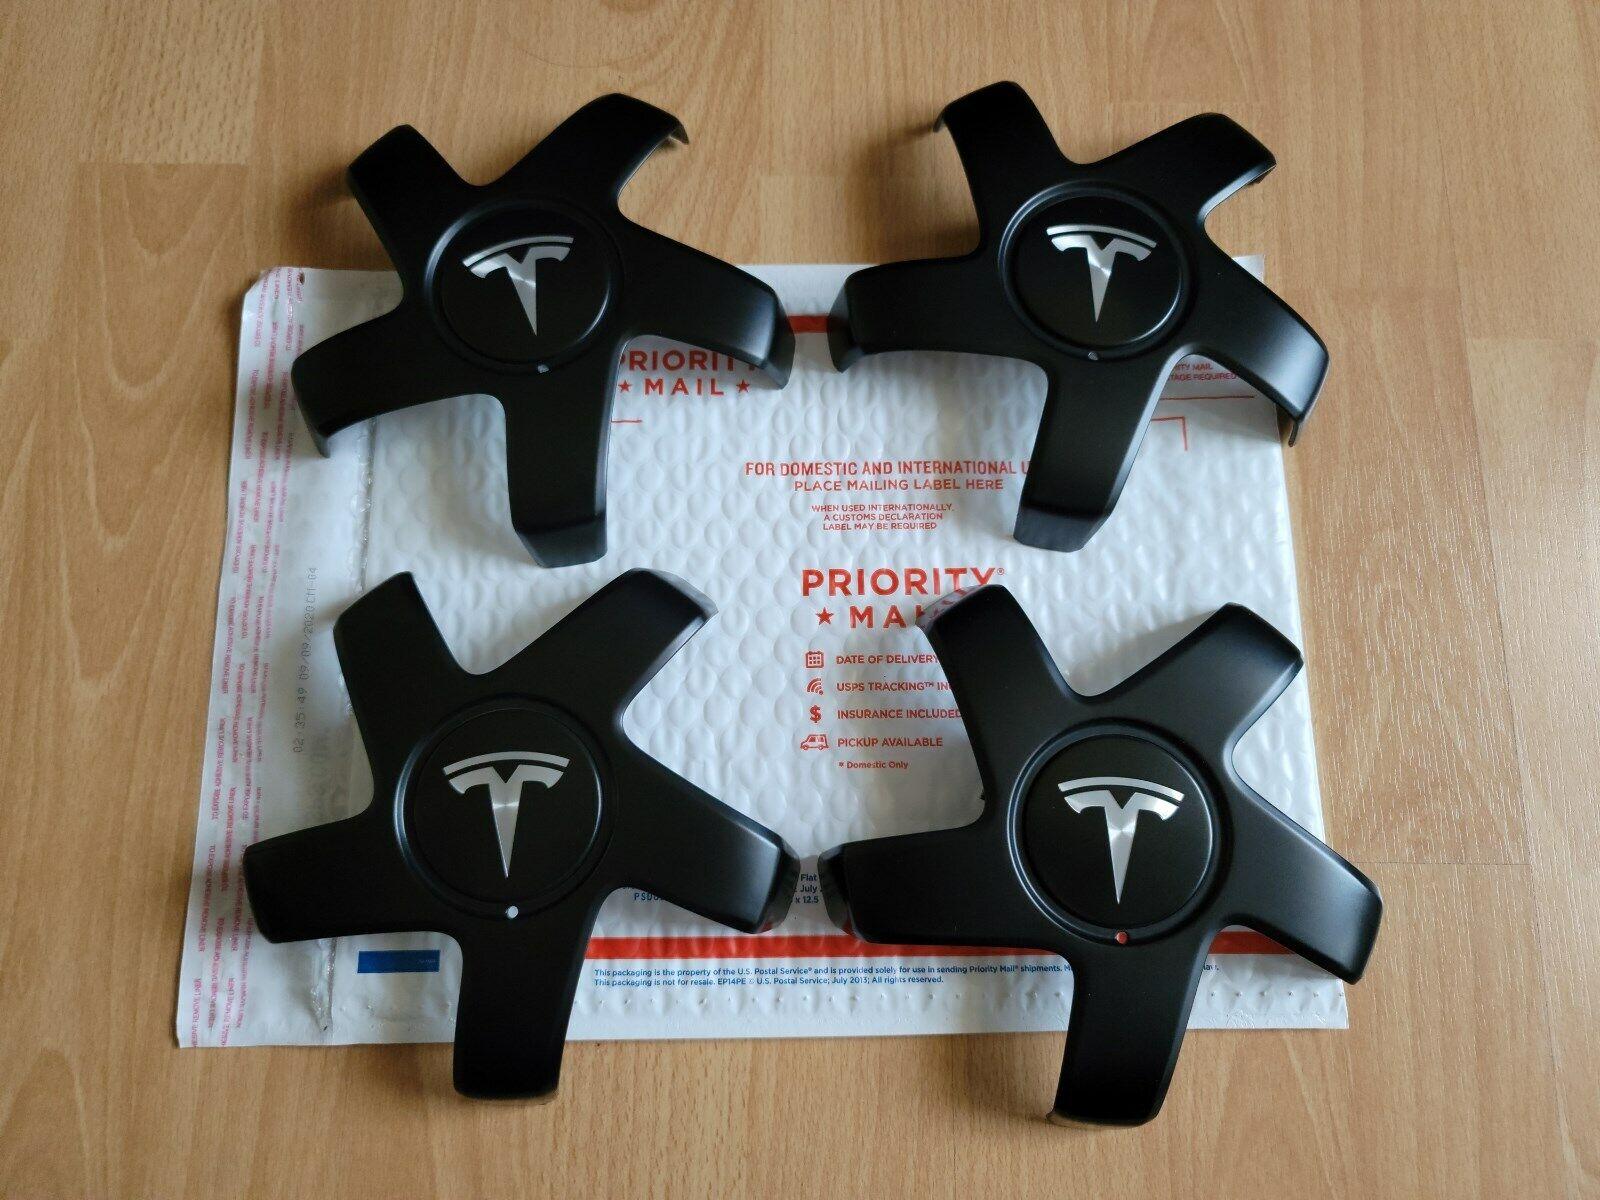 Couvercle De Serrure De Porte 4 Pi/èces Voiture Verrouillage De Porte Housse De Protection De Pr/évention De La Rouille Couvercle De Protection De But/ée De Polite Motto.h VERLOCO pour Tesla Model3